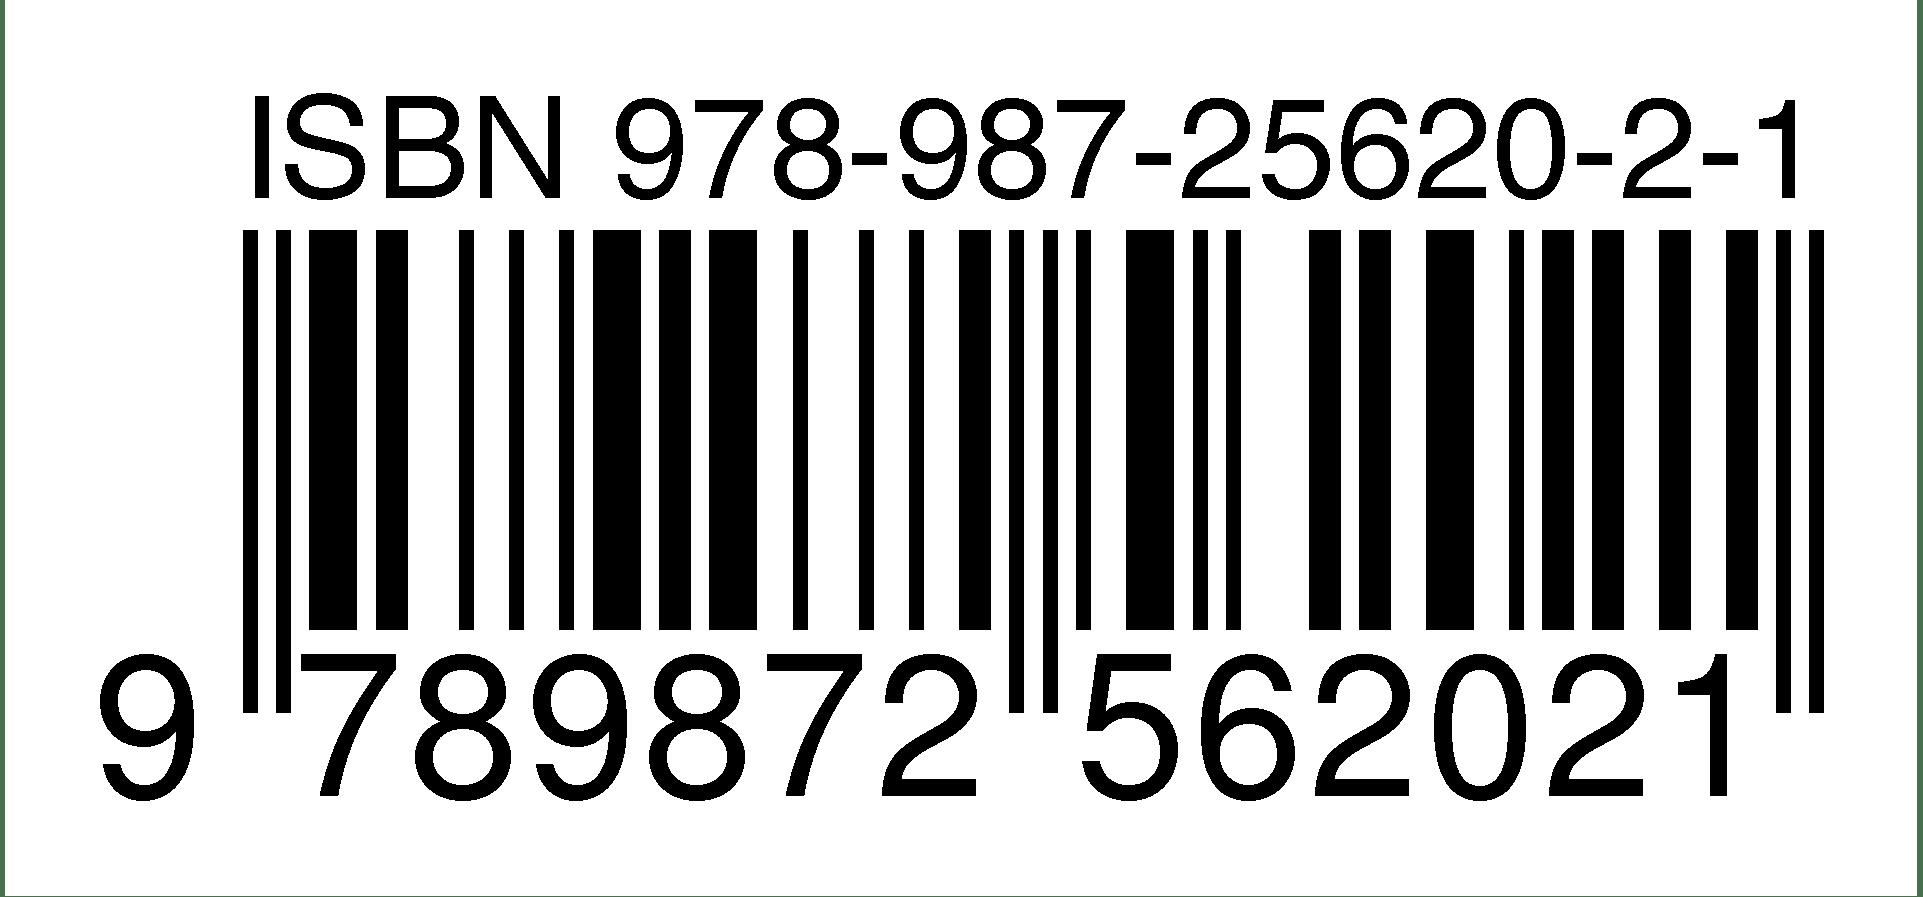 Solucionando: Identificação Automática e Captura de Dados